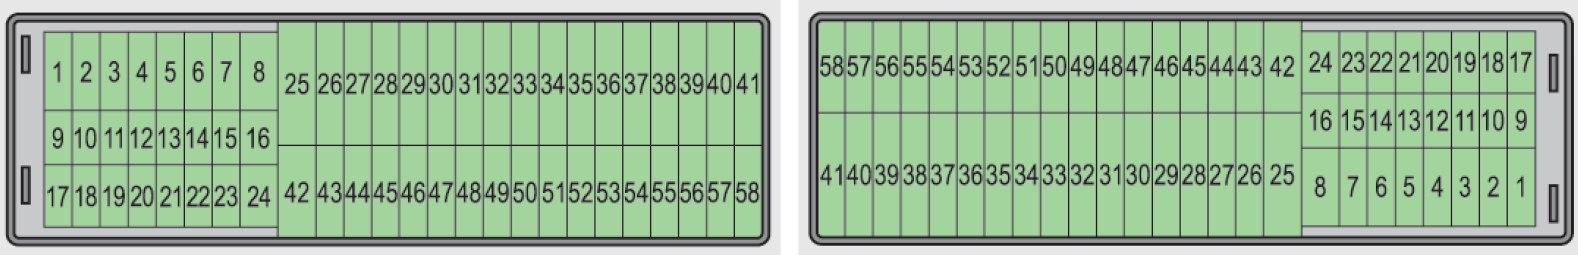 skoda rapid 2012 2013 fuse box diagram auto genius rh autogenius info Skoda Rapid 2014 2018 Skoda Rapid